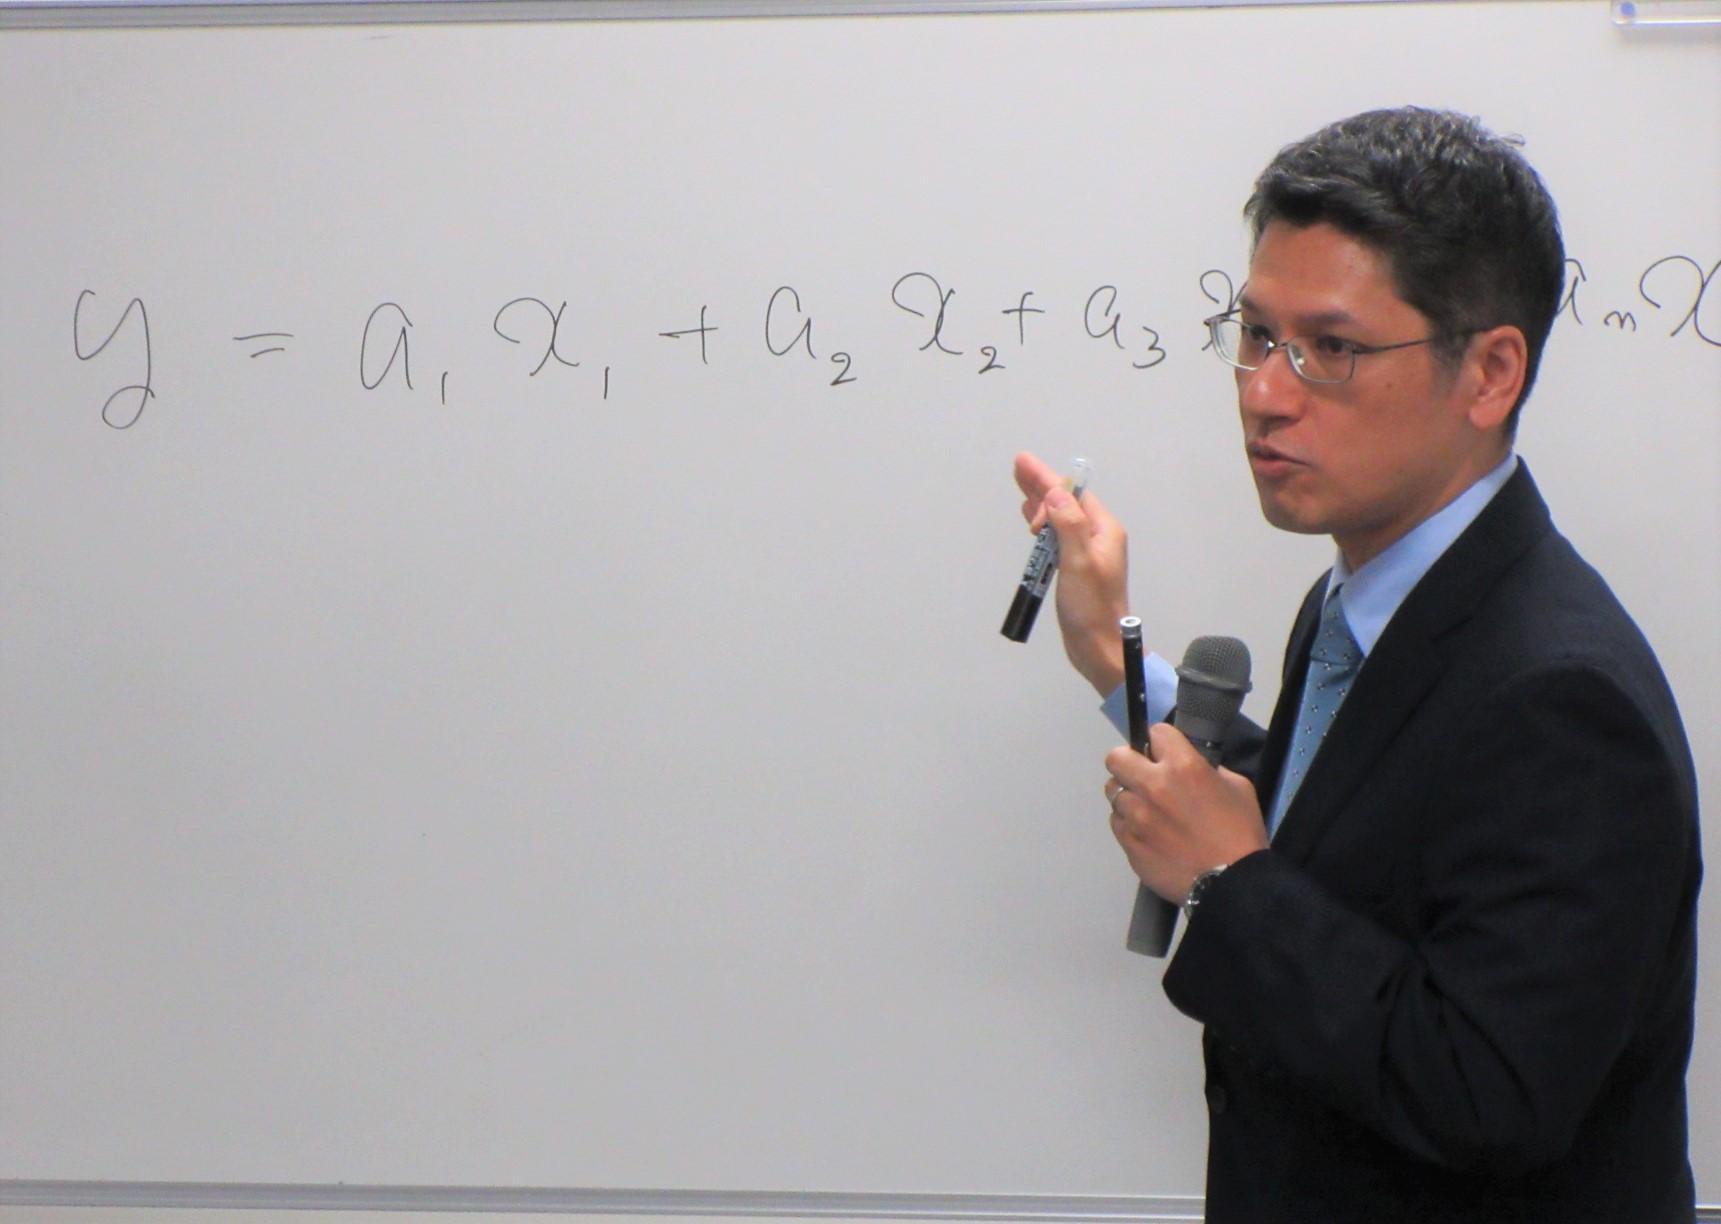 開催報告:懇談の場「地球を数理科学するービッグデータと統計学で拓く地震研究の未来ー」